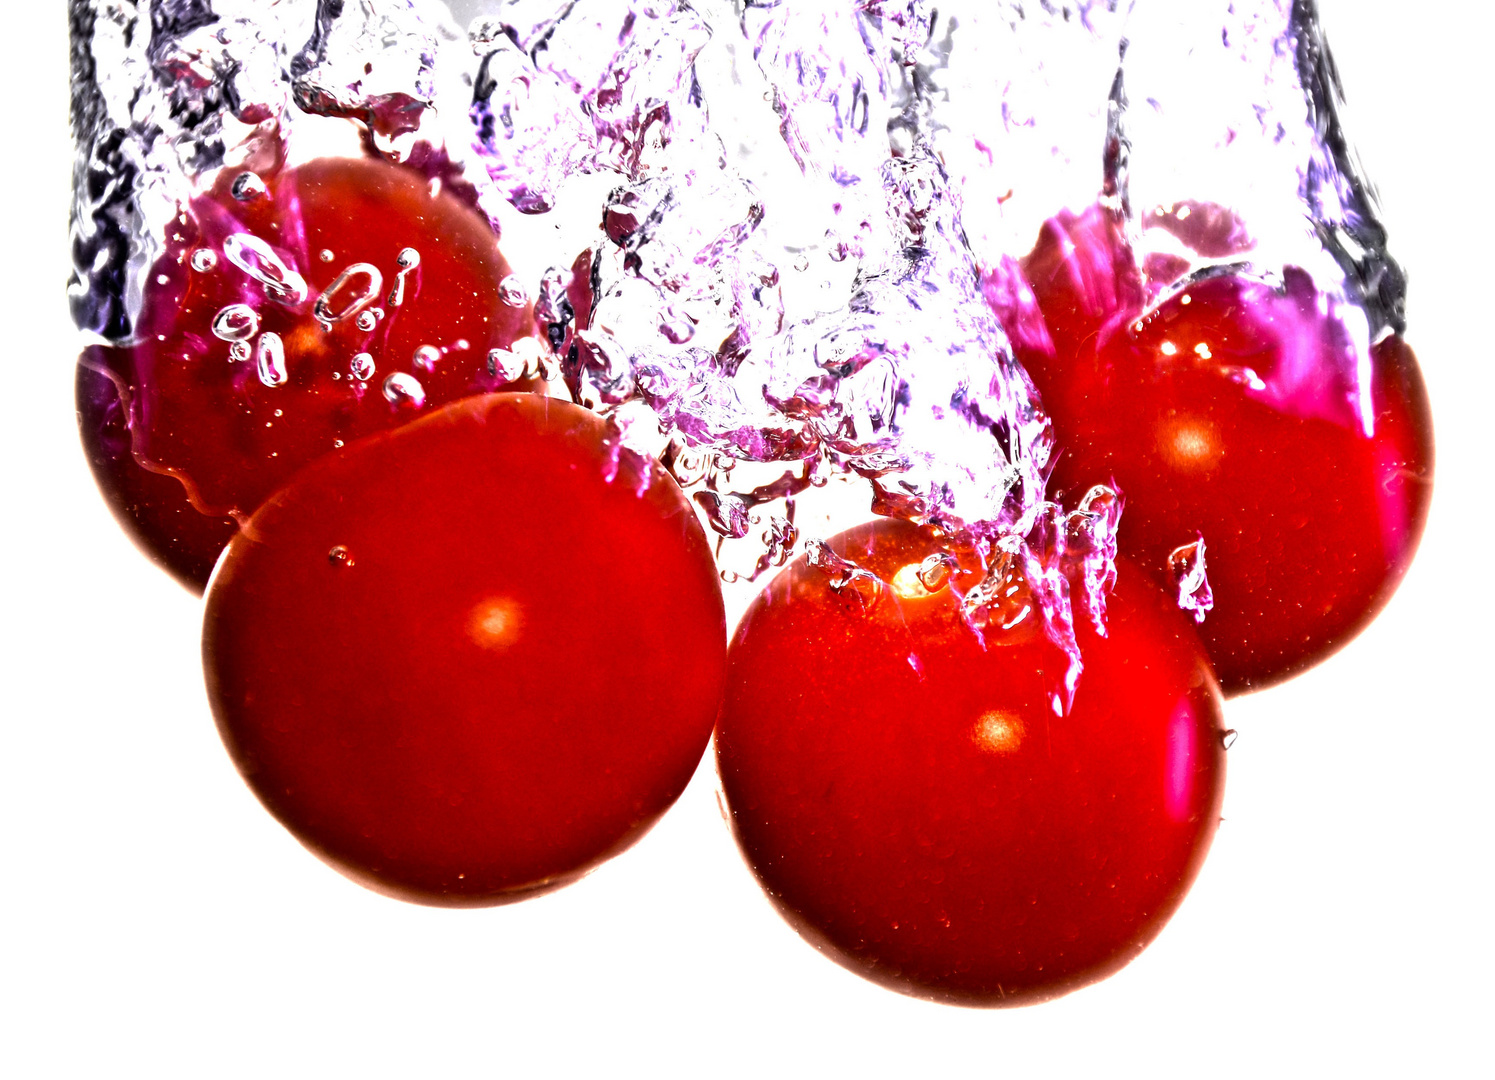 Tomaten im Wasser